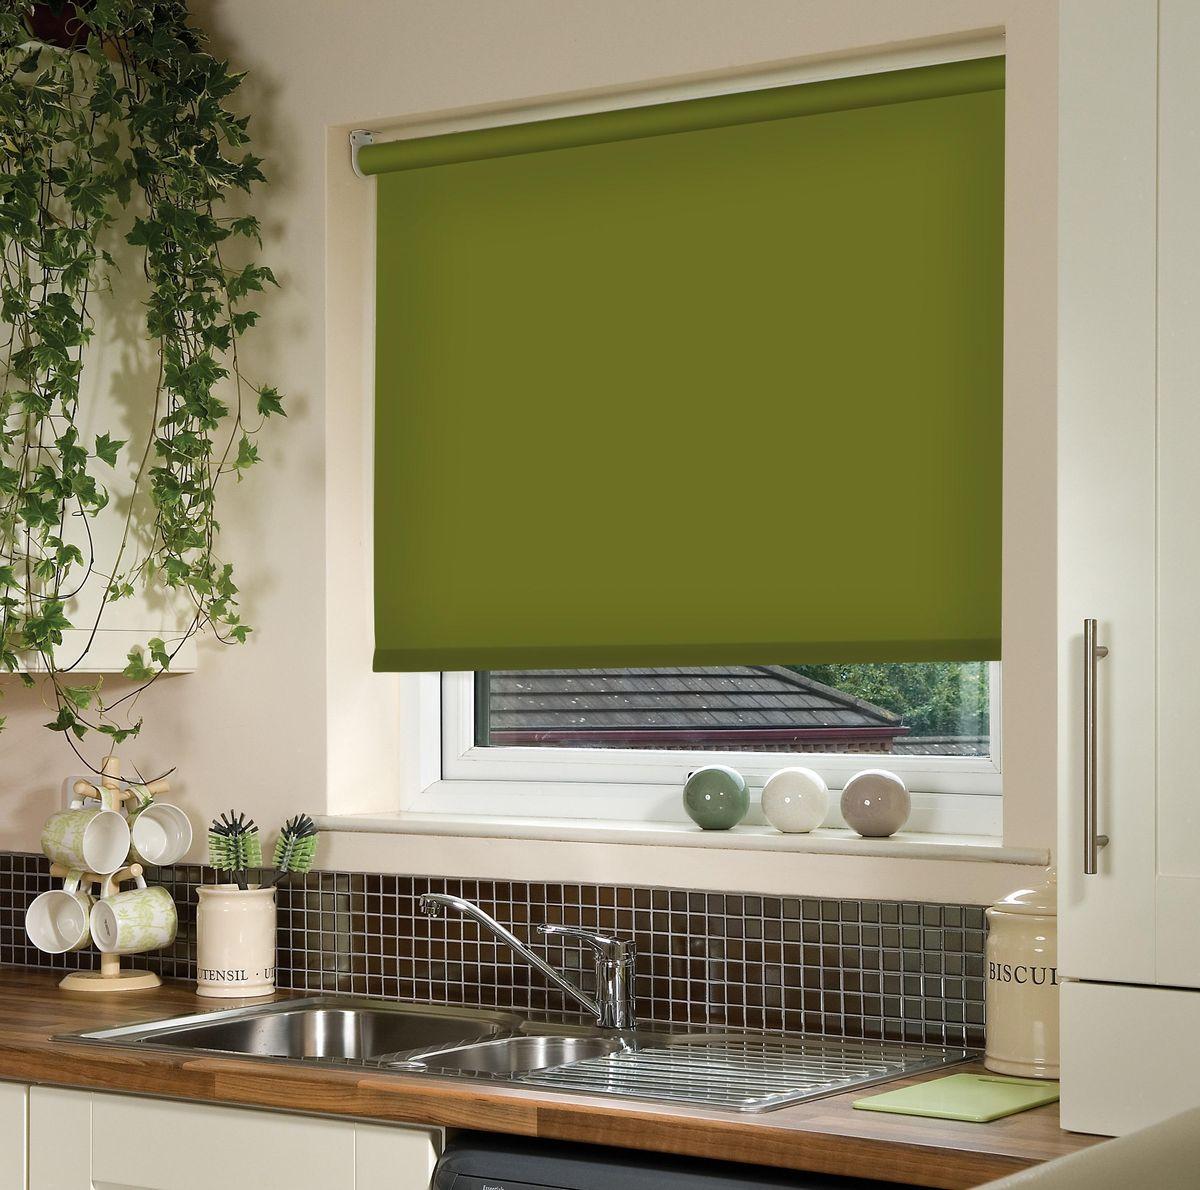 Штора рулонная Эскар, цвет: темно-оливковый, ширина 180 см, высота 170 см81018180170Рулонными шторами можно оформлять окна как самостоятельно, так и использовать в комбинации с портьерами. Это поможет предотвратить выгорание дорогой ткани на солнце и соединит функционал рулонных с красотой навесных. Преимущества применения рулонных штор для пластиковых окон: - имеют прекрасный внешний вид: многообразие и фактурность материала изделия отлично смотрятся в любом интерьере; - многофункциональны: есть возможность подобрать шторы способные эффективно защитить комнату от солнца, при этом она не будет слишком темной. - Есть возможность осуществить быстрый монтаж. ВНИМАНИЕ! Размеры ширины изделия указаны по ширине ткани! Во время эксплуатации не рекомендуется полностью разматывать рулон, чтобы не оторвать ткань от намоточного вала. В случае загрязнения поверхности ткани, чистку шторы проводят одним из способов, в зависимости от типа загрязнения: легкое поверхностное загрязнение можно удалить при помощи канцелярского ластика; чистка от пыли производится сухим методом при...